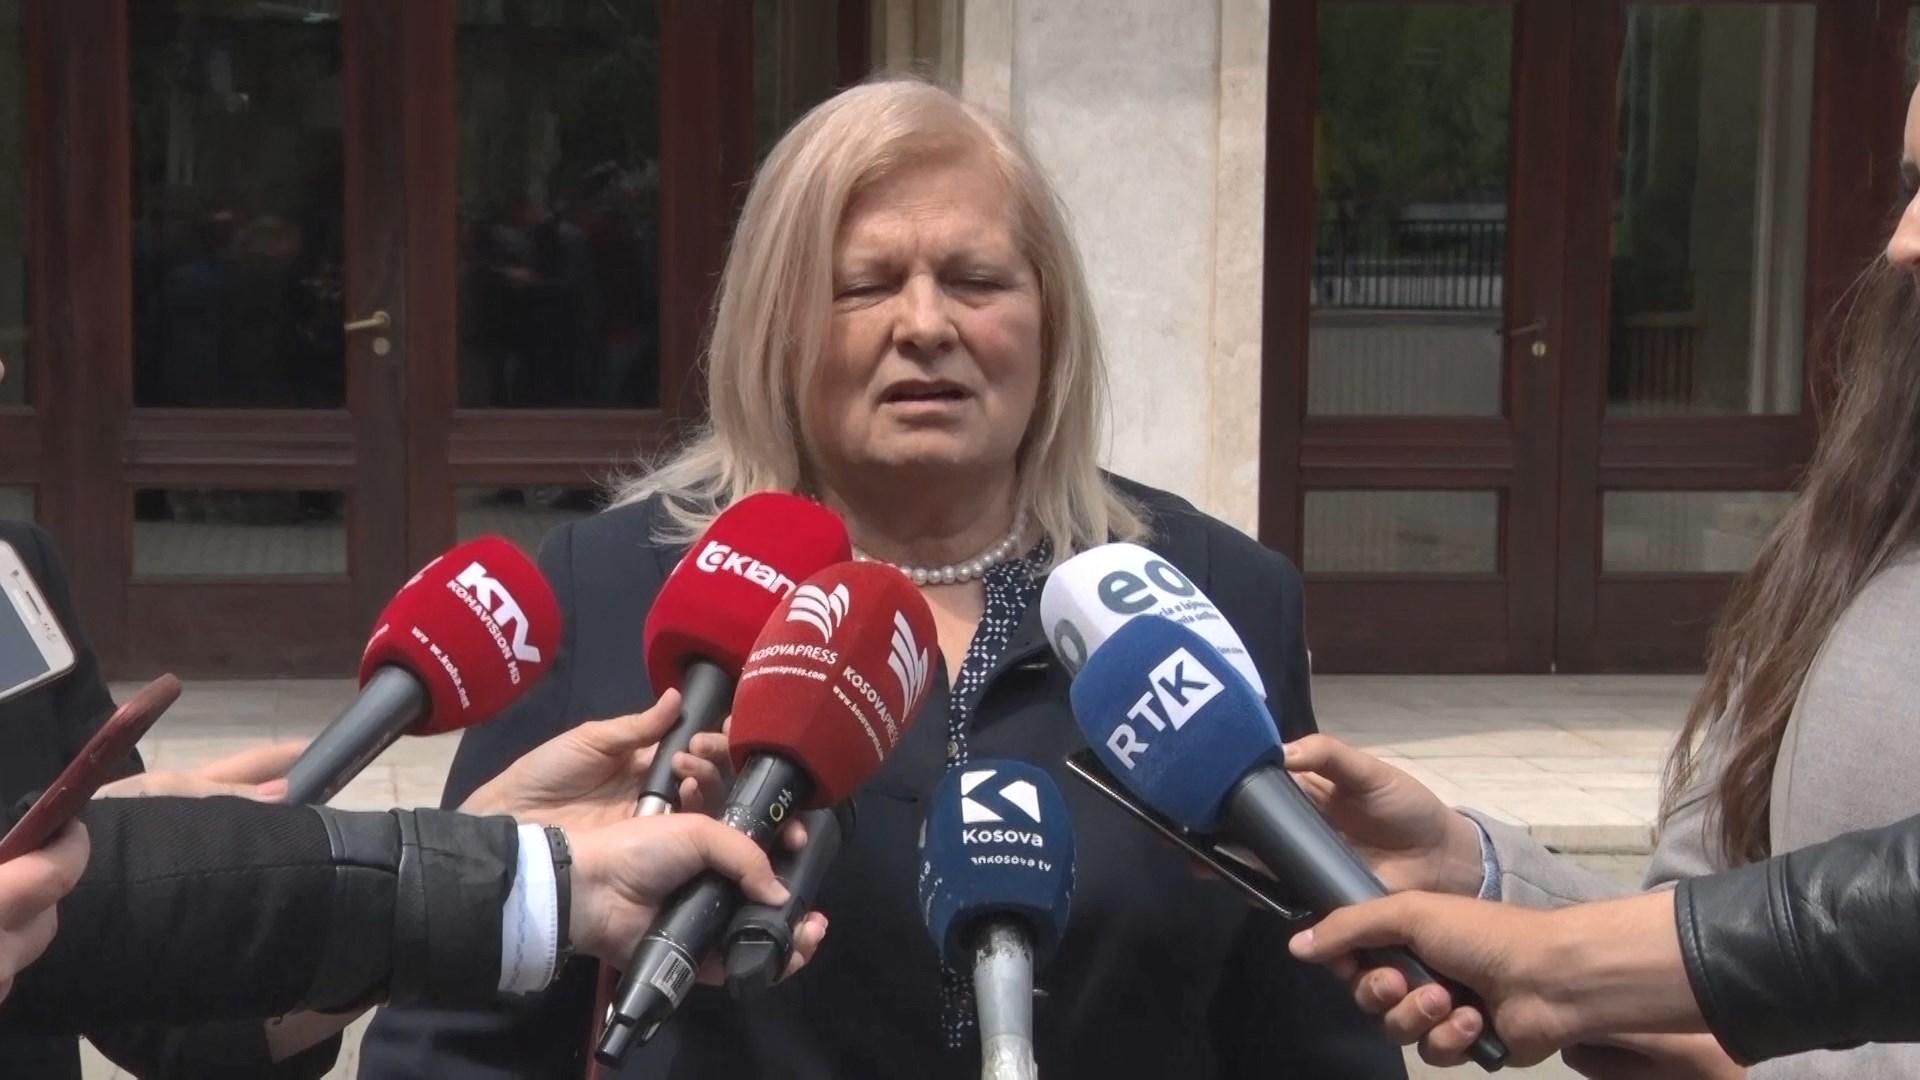 Kosovë, deputetja Brovina kërkon falje për publikimin e fotos